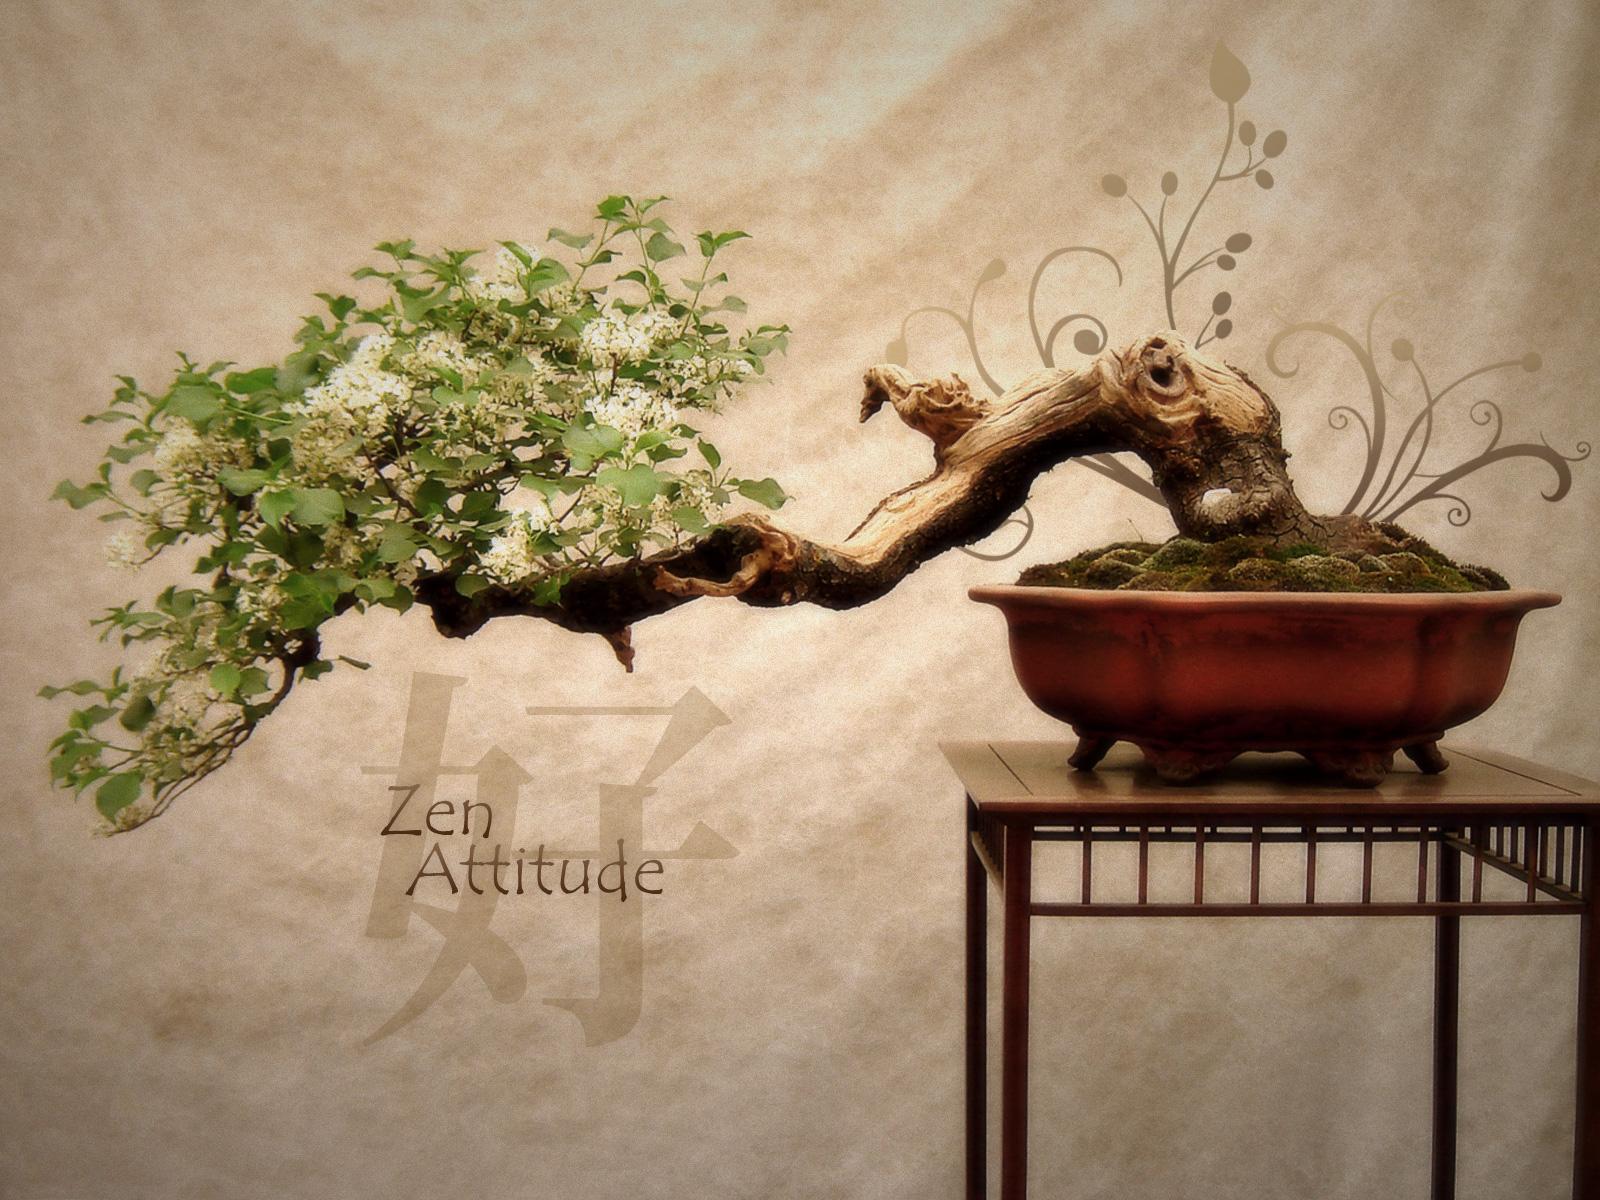 Zen și viața după moarte